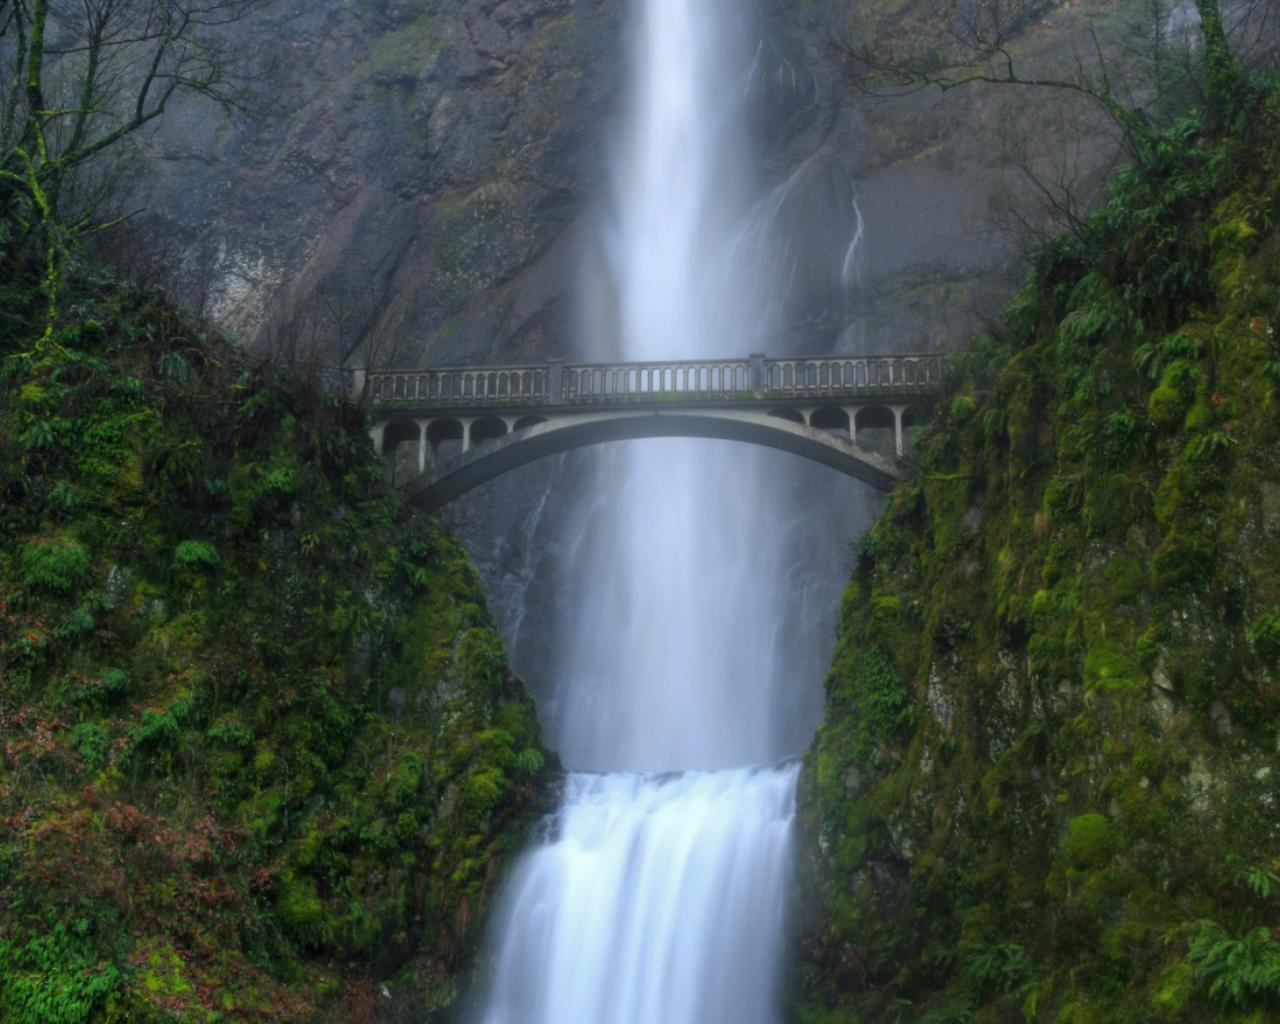 Картинки для рабочего стола скачать бесплатно водопад 10